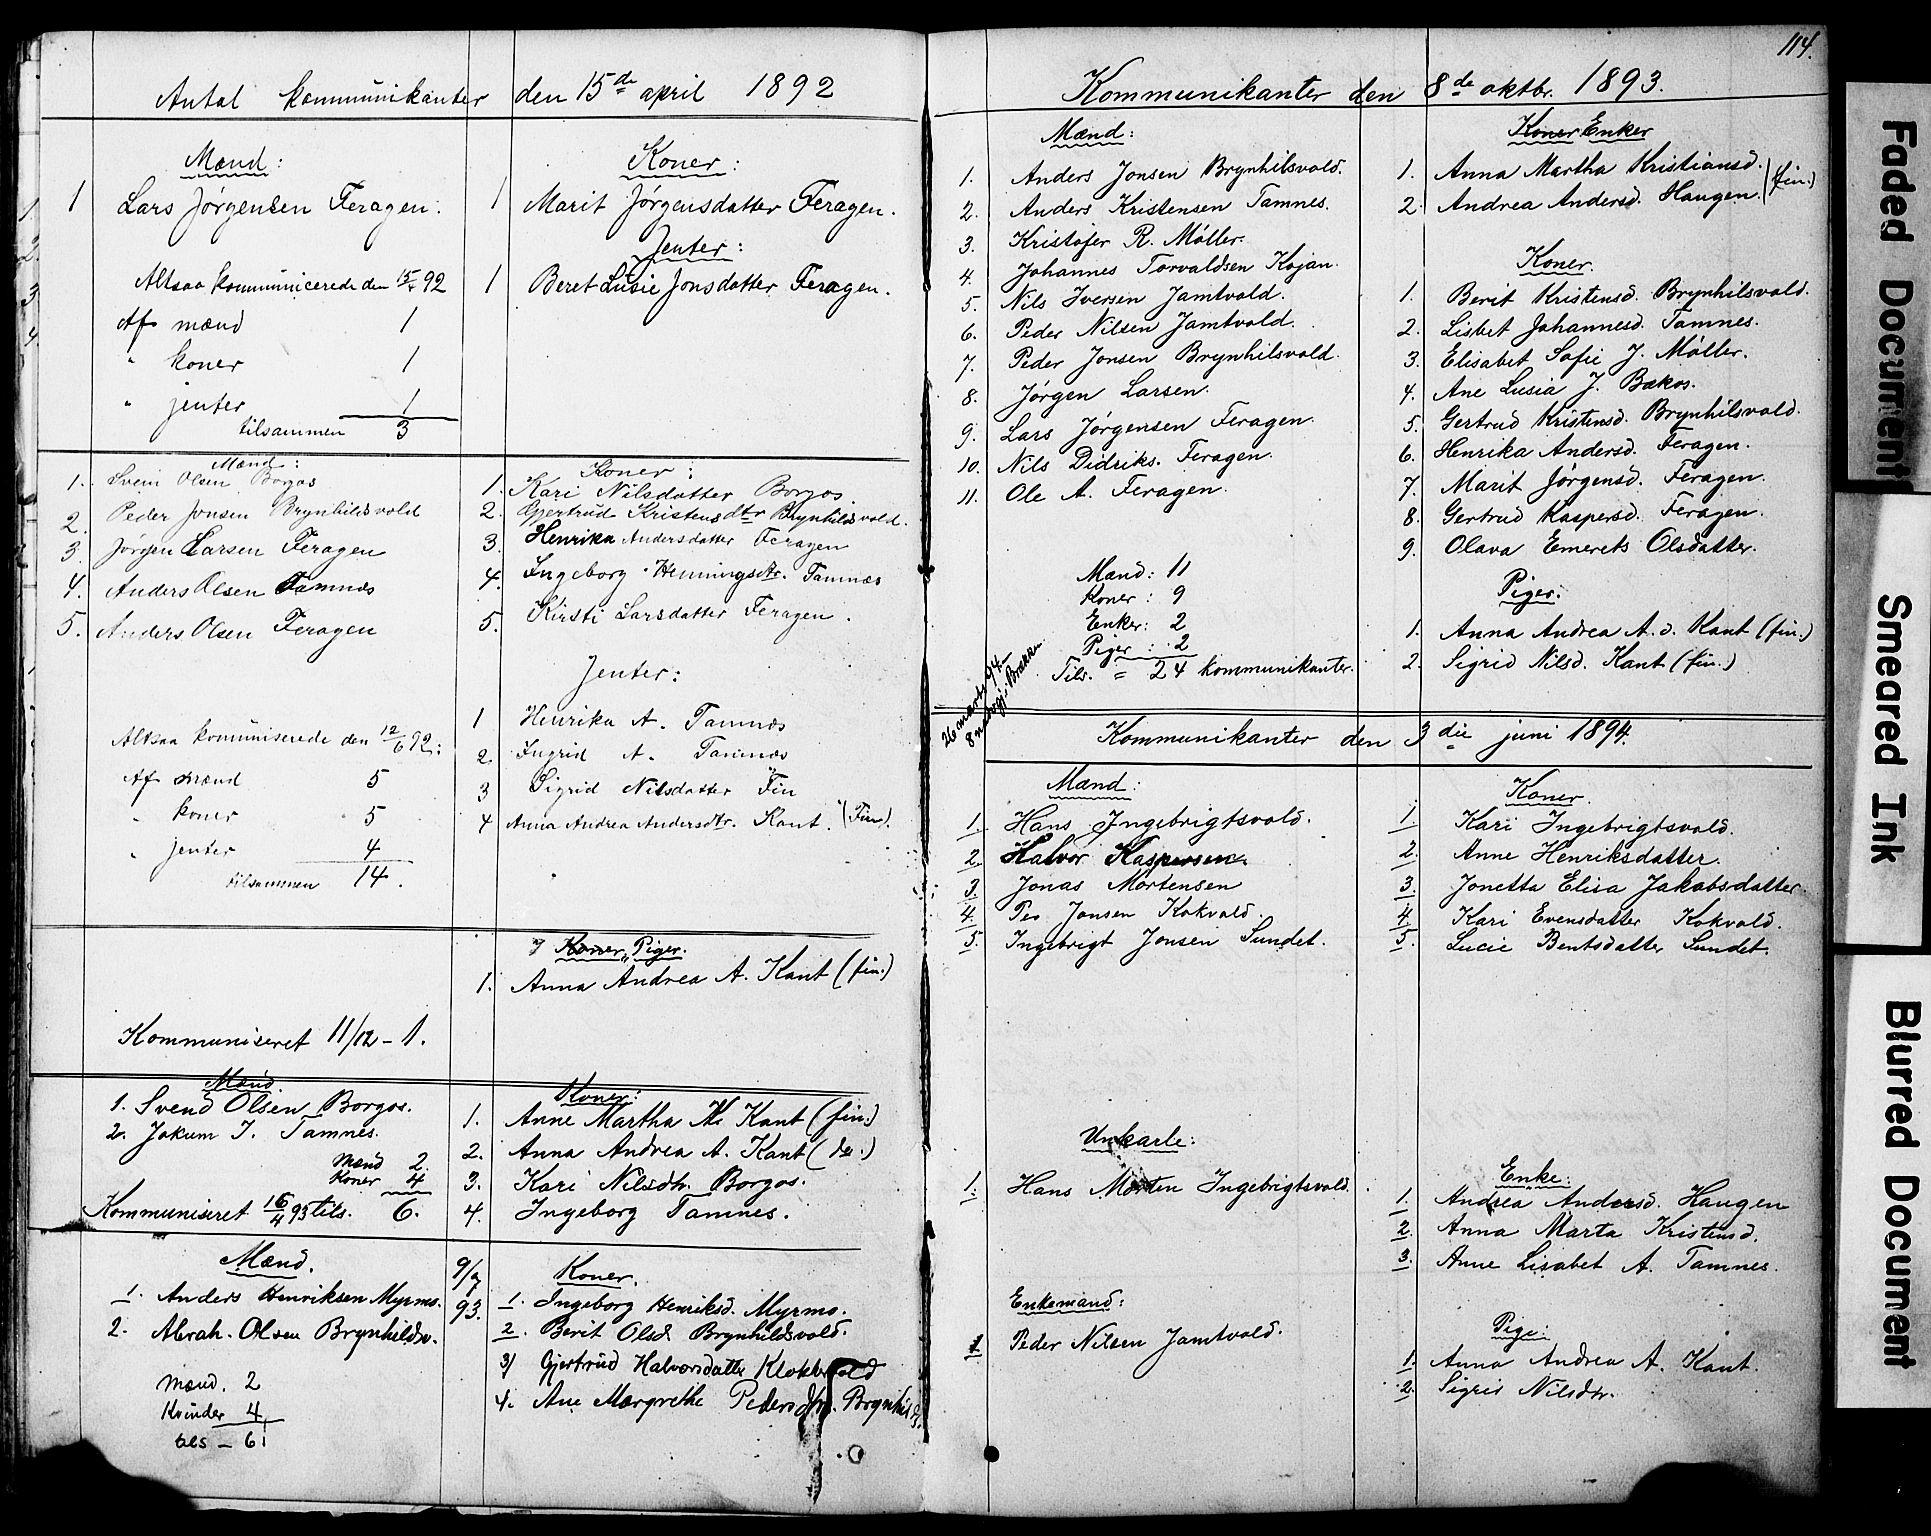 SAT, Ministerialprotokoller, klokkerbøker og fødselsregistre - Sør-Trøndelag, 683/L0949: Klokkerbok nr. 683C01, 1880-1896, s. 114